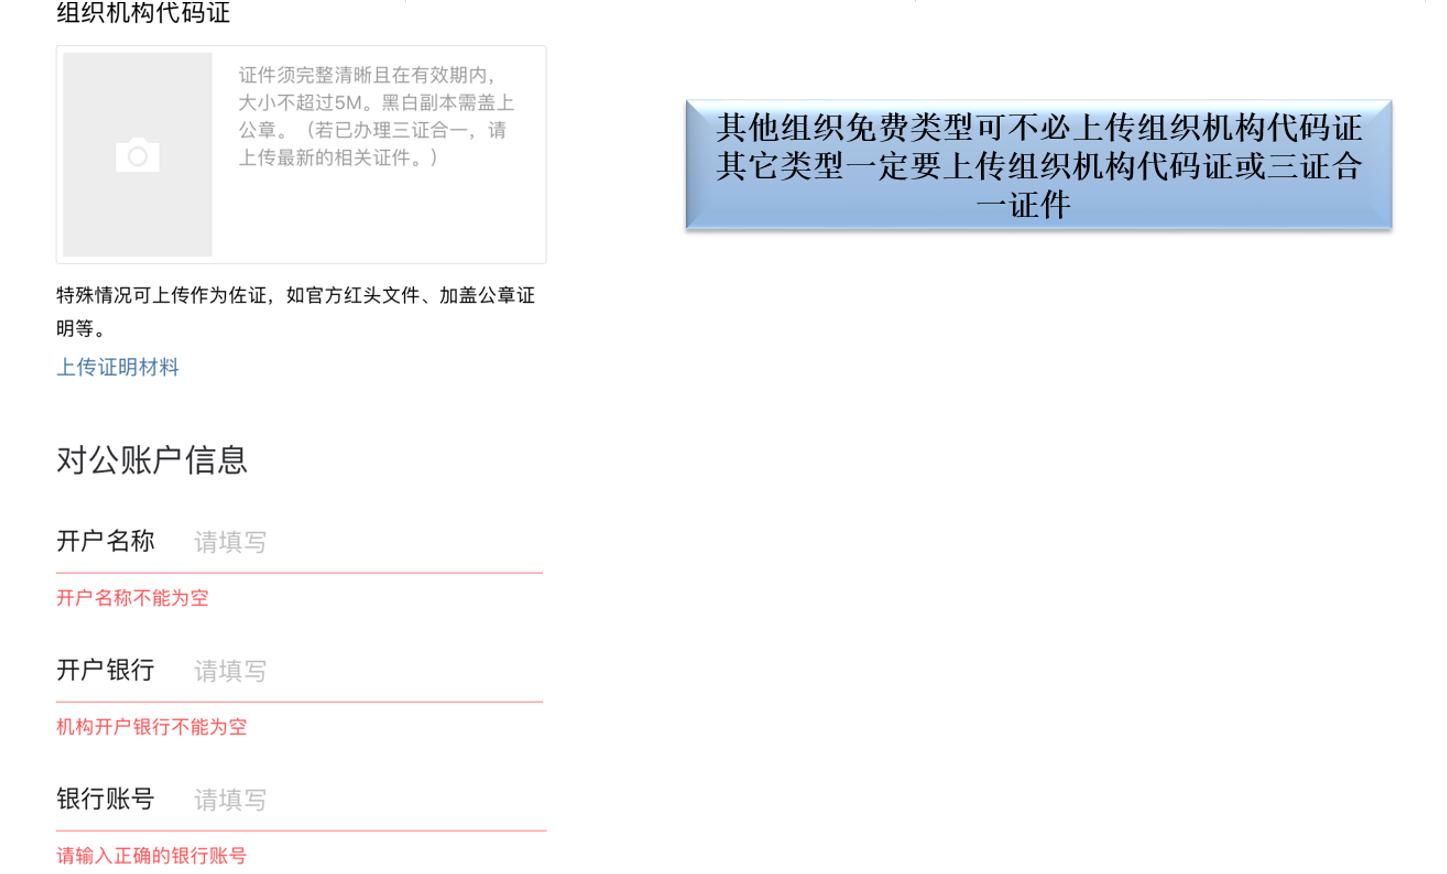 其他组织完成企业微信认证手机端申请流程是什么?